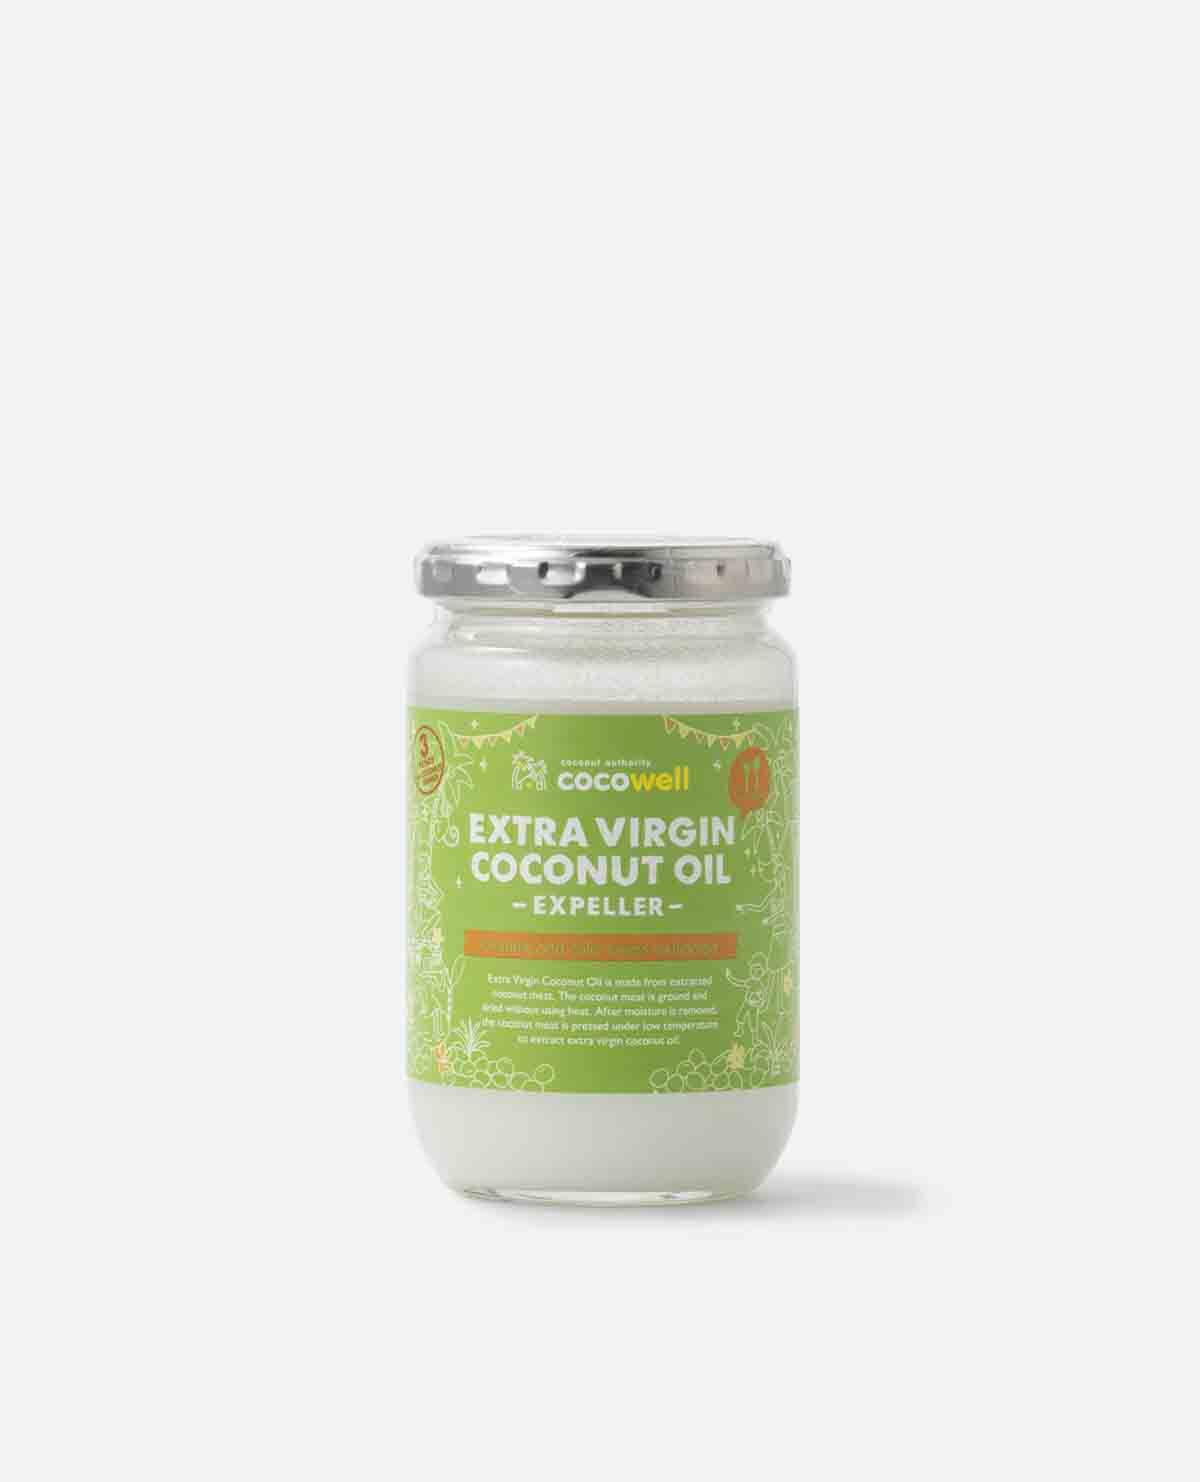 エキストラバージンココナッツオイル